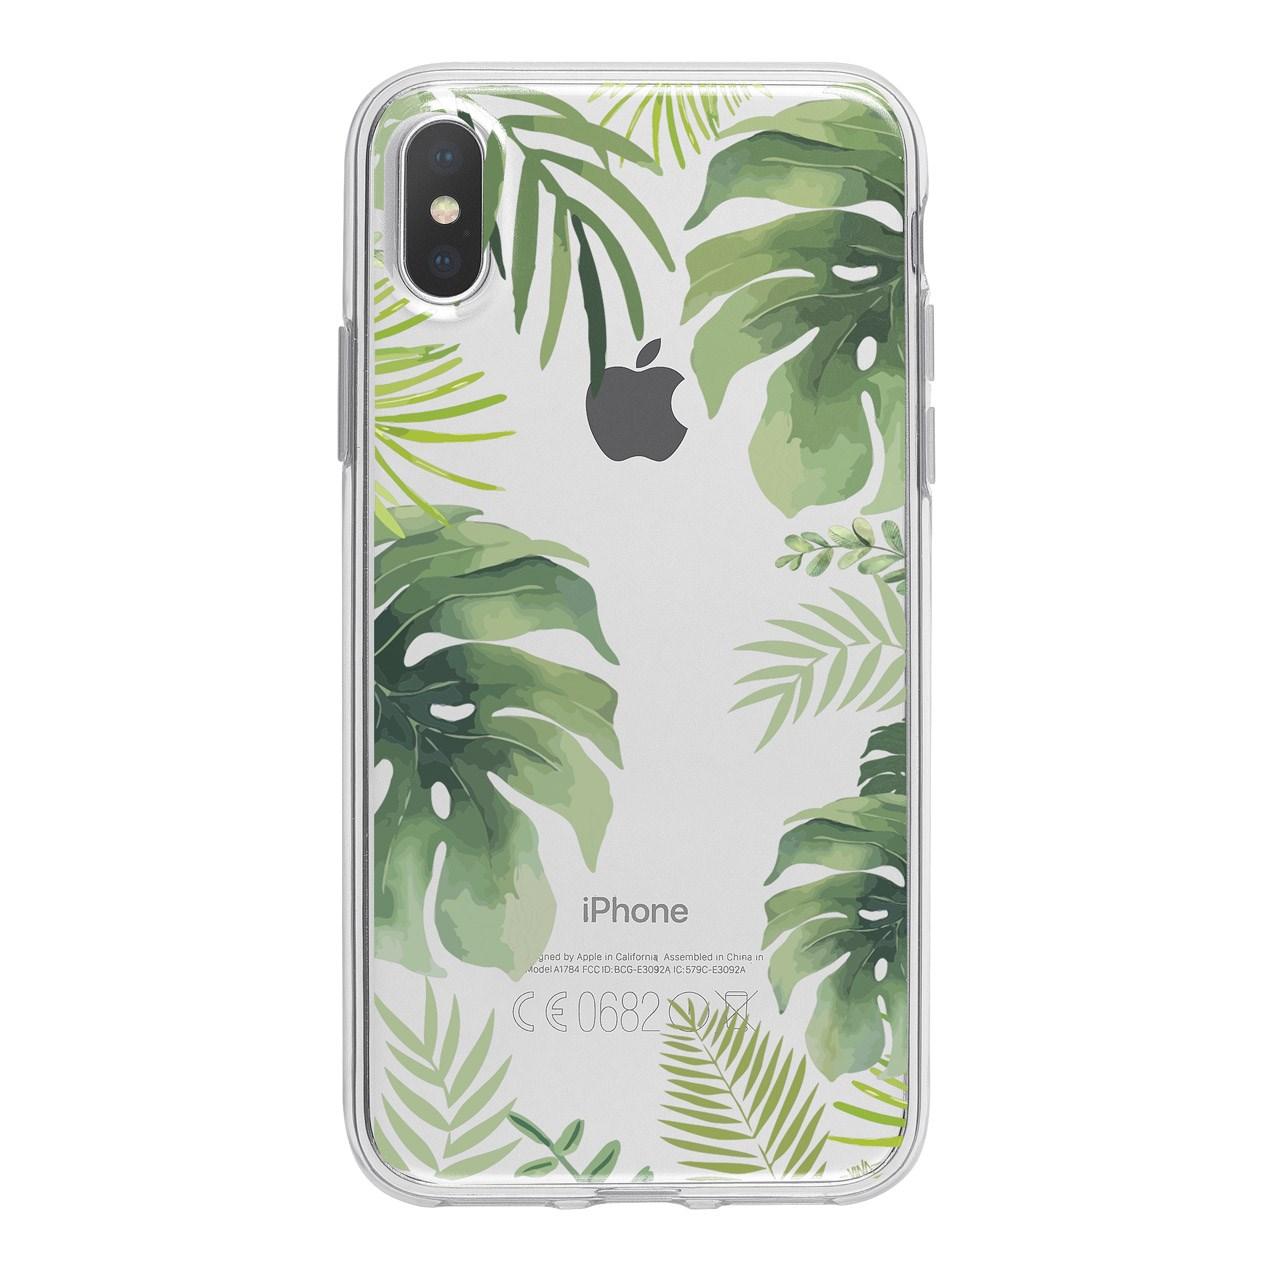 کاور ژله ای مدل Tropical مناسب برای گوشی موبایل آیفون X / 10